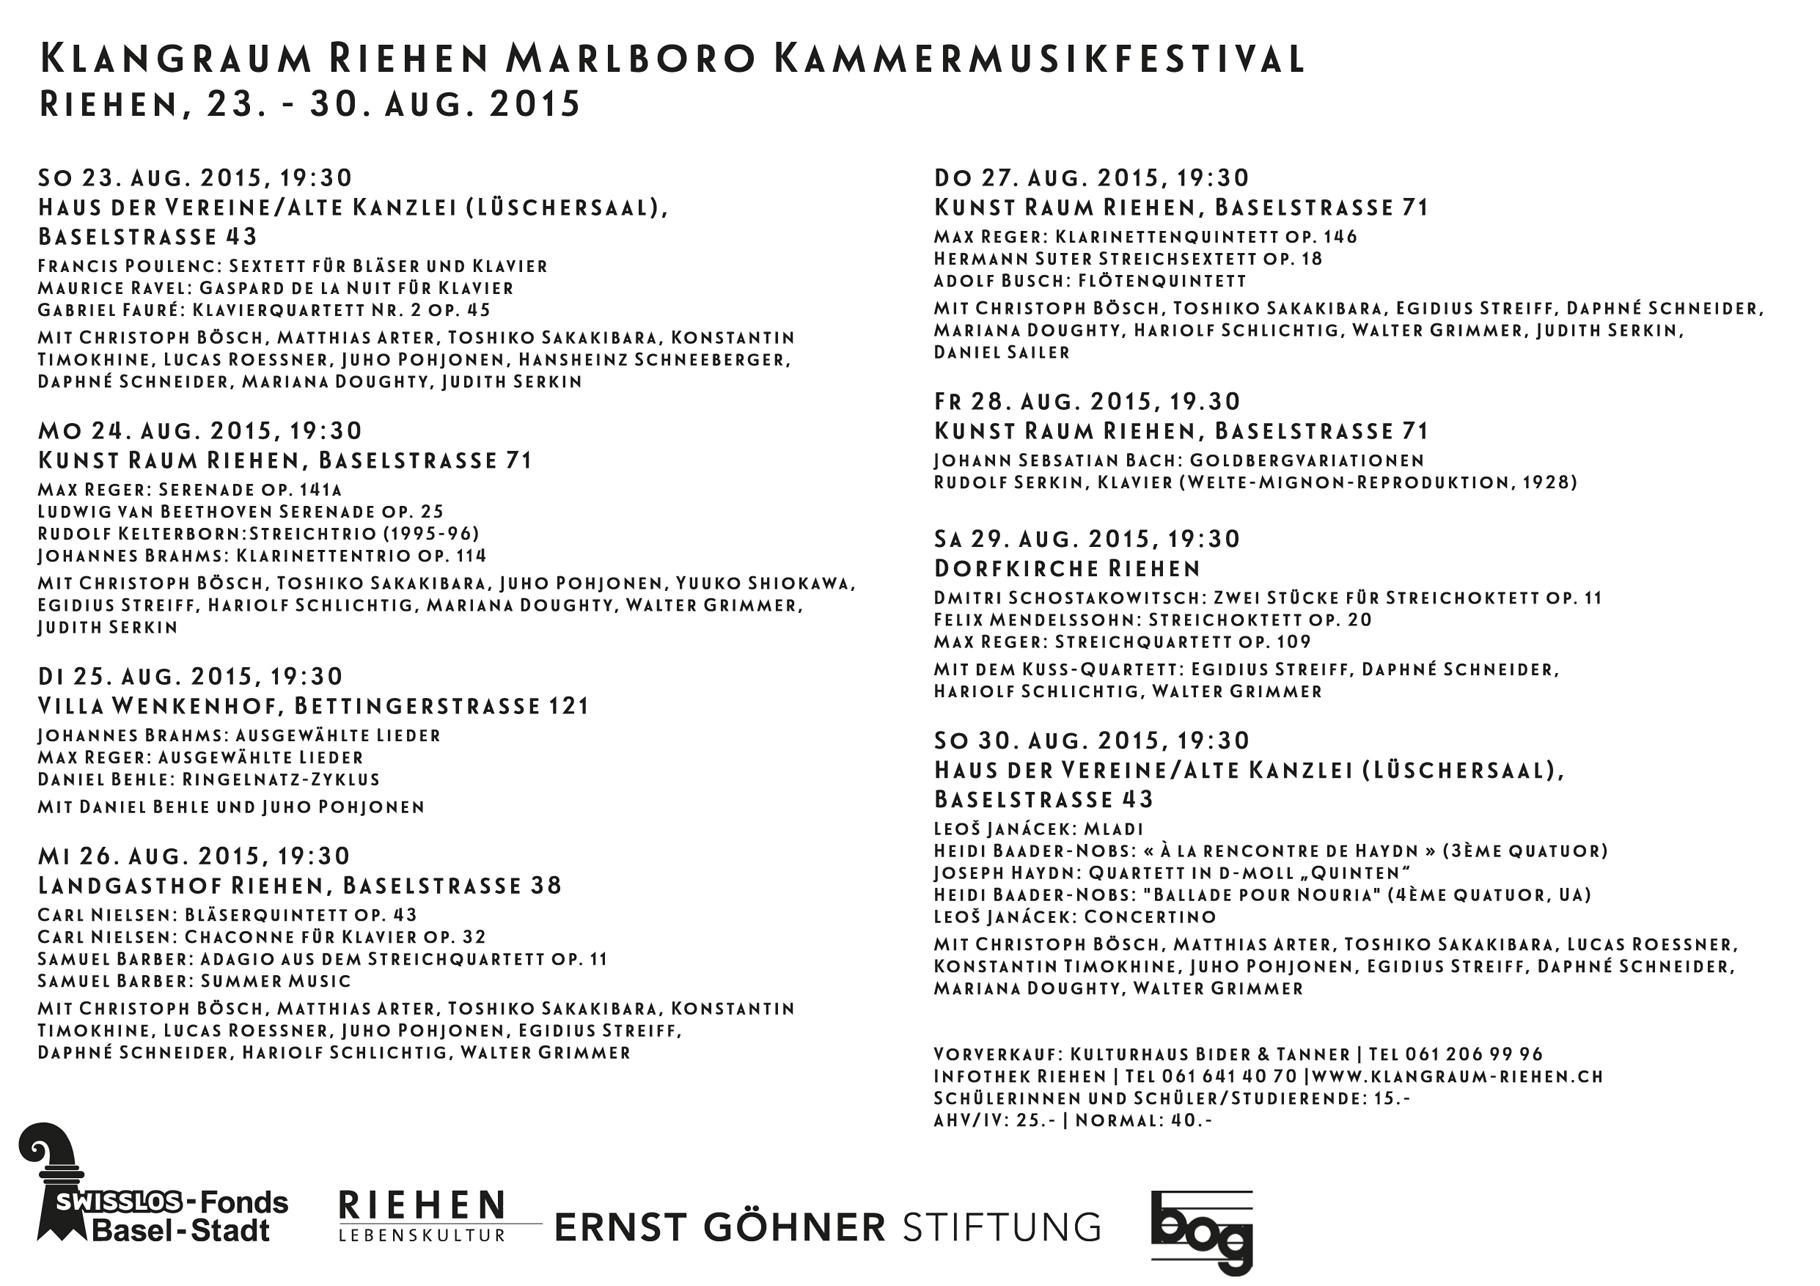 Klangraum Riehen Marlboro, Konzertreihe, Flyer A5 Rückseite